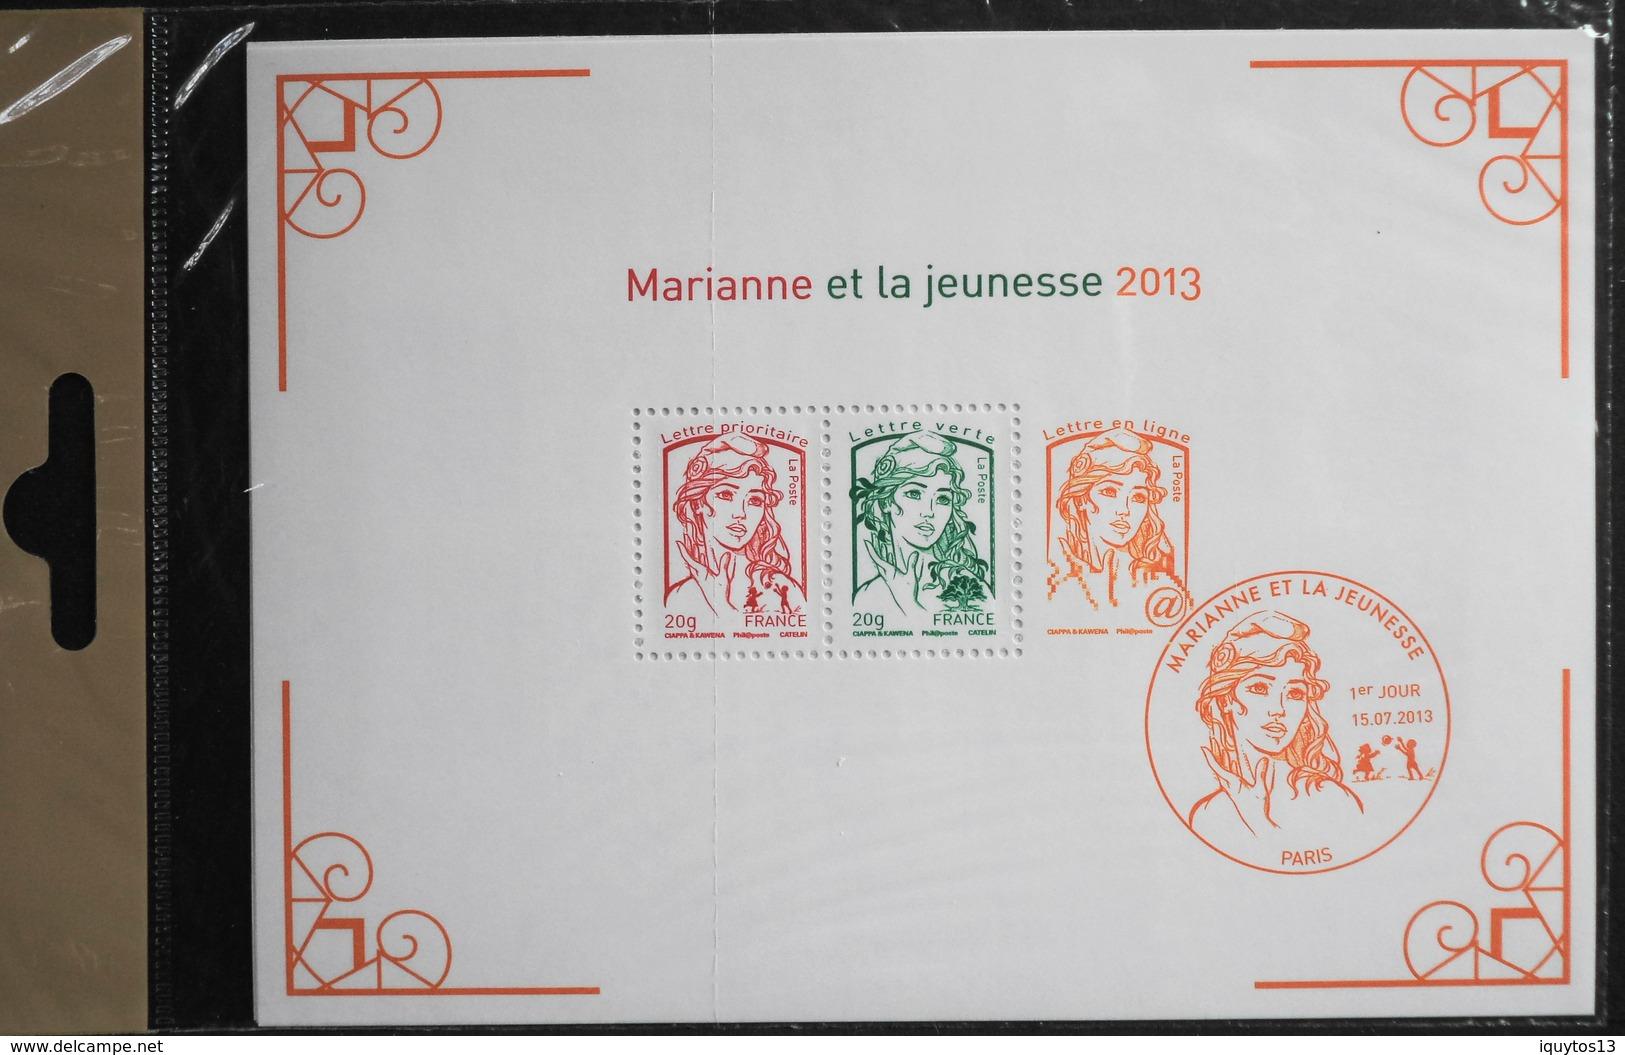 FRANCE 2013 - Les N° 4781 à 4792 - 12 TIMBRES NEUFS** La Ve République Au Fil Du Timbre - F4781 Et BF. 133 -Sous Blister - France